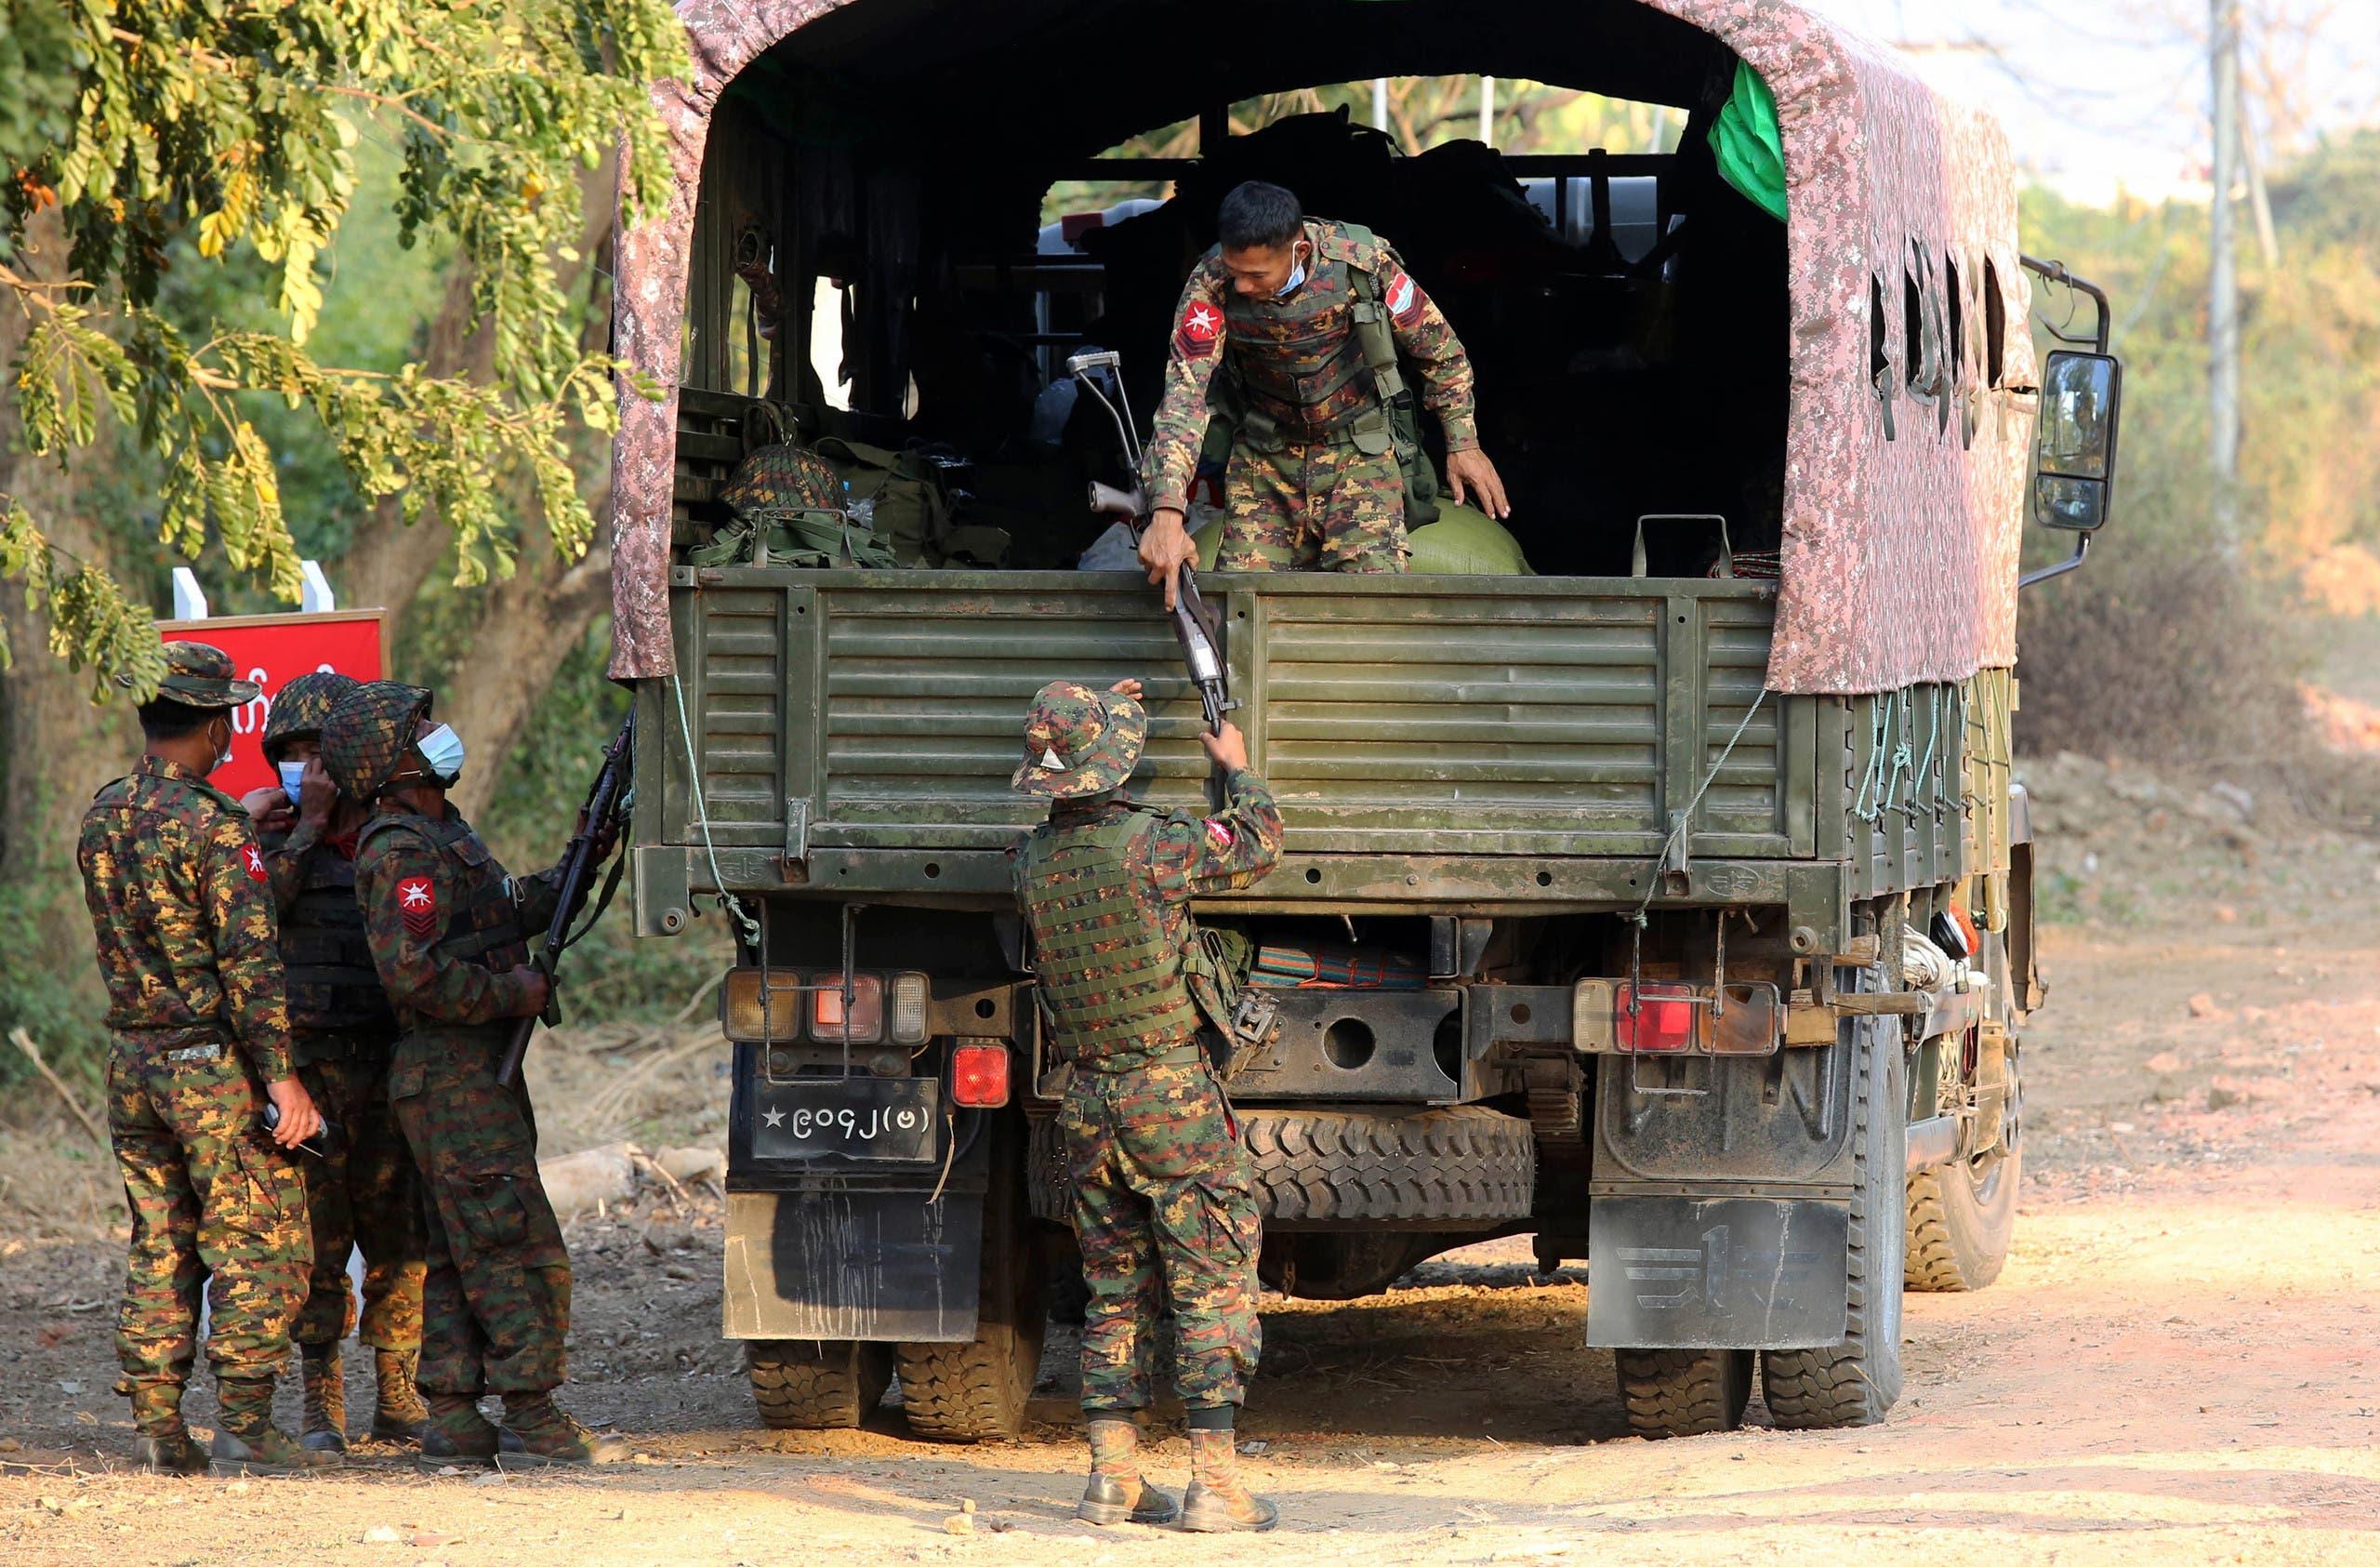 سربازانی که از محلی برای اقامت برخی نمایندگان در پایتخت محافظت می کنند